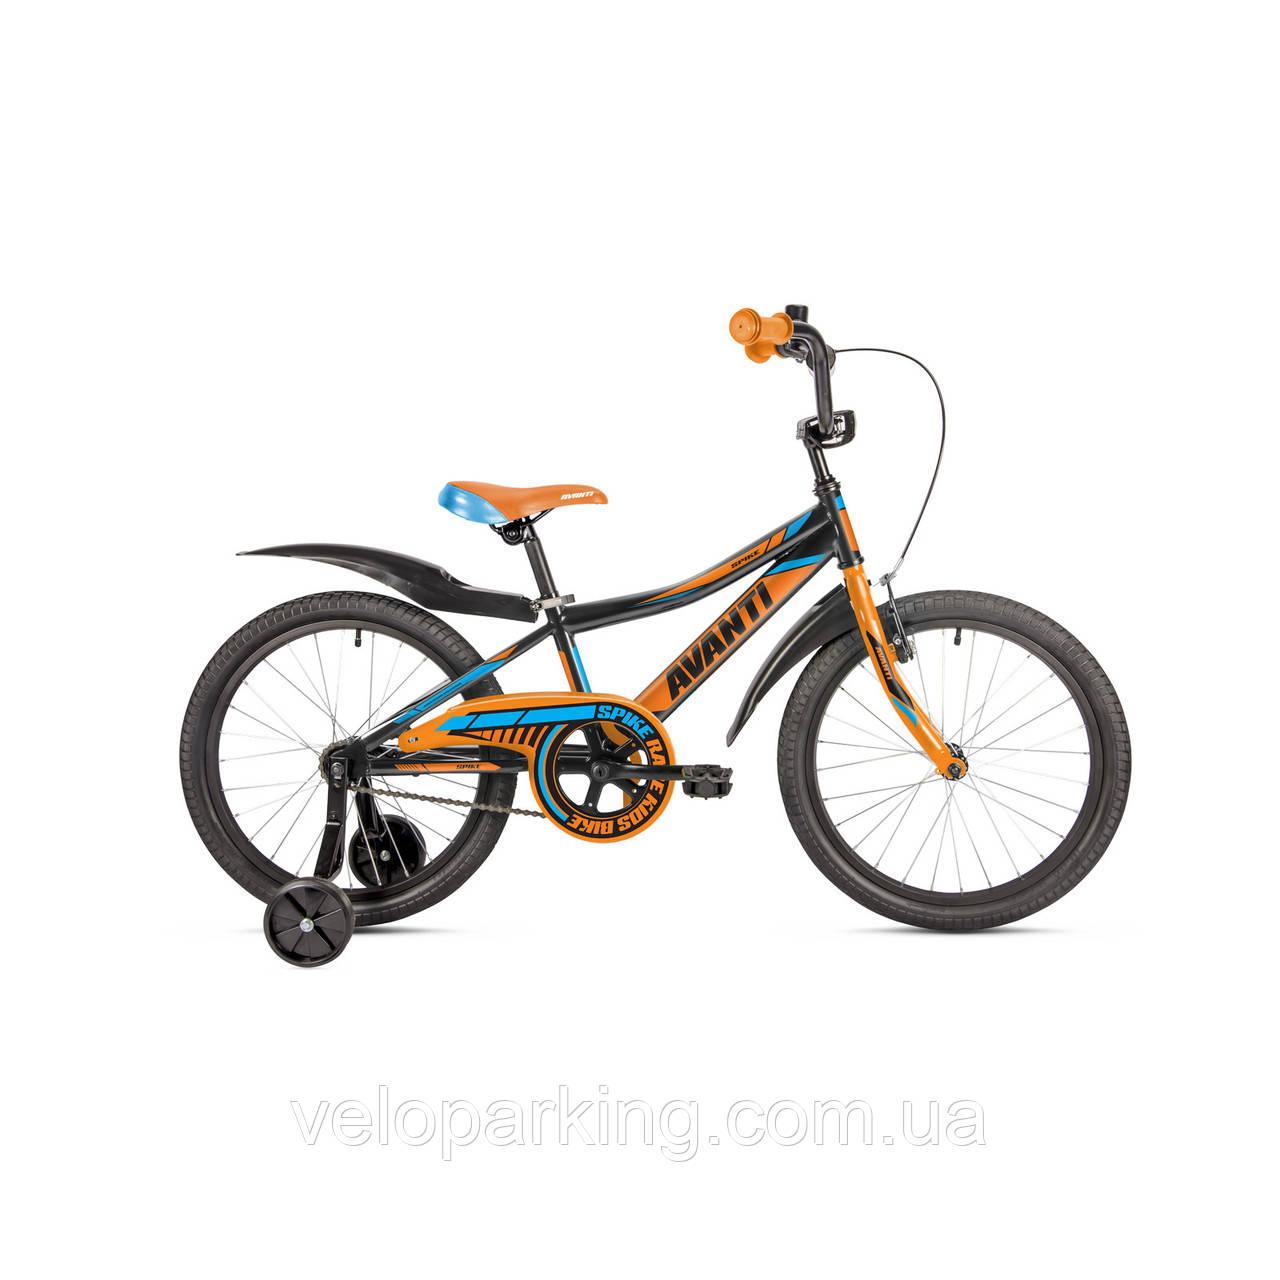 Детский двухколесный велосипед Avanti Spike 18 new (2018)